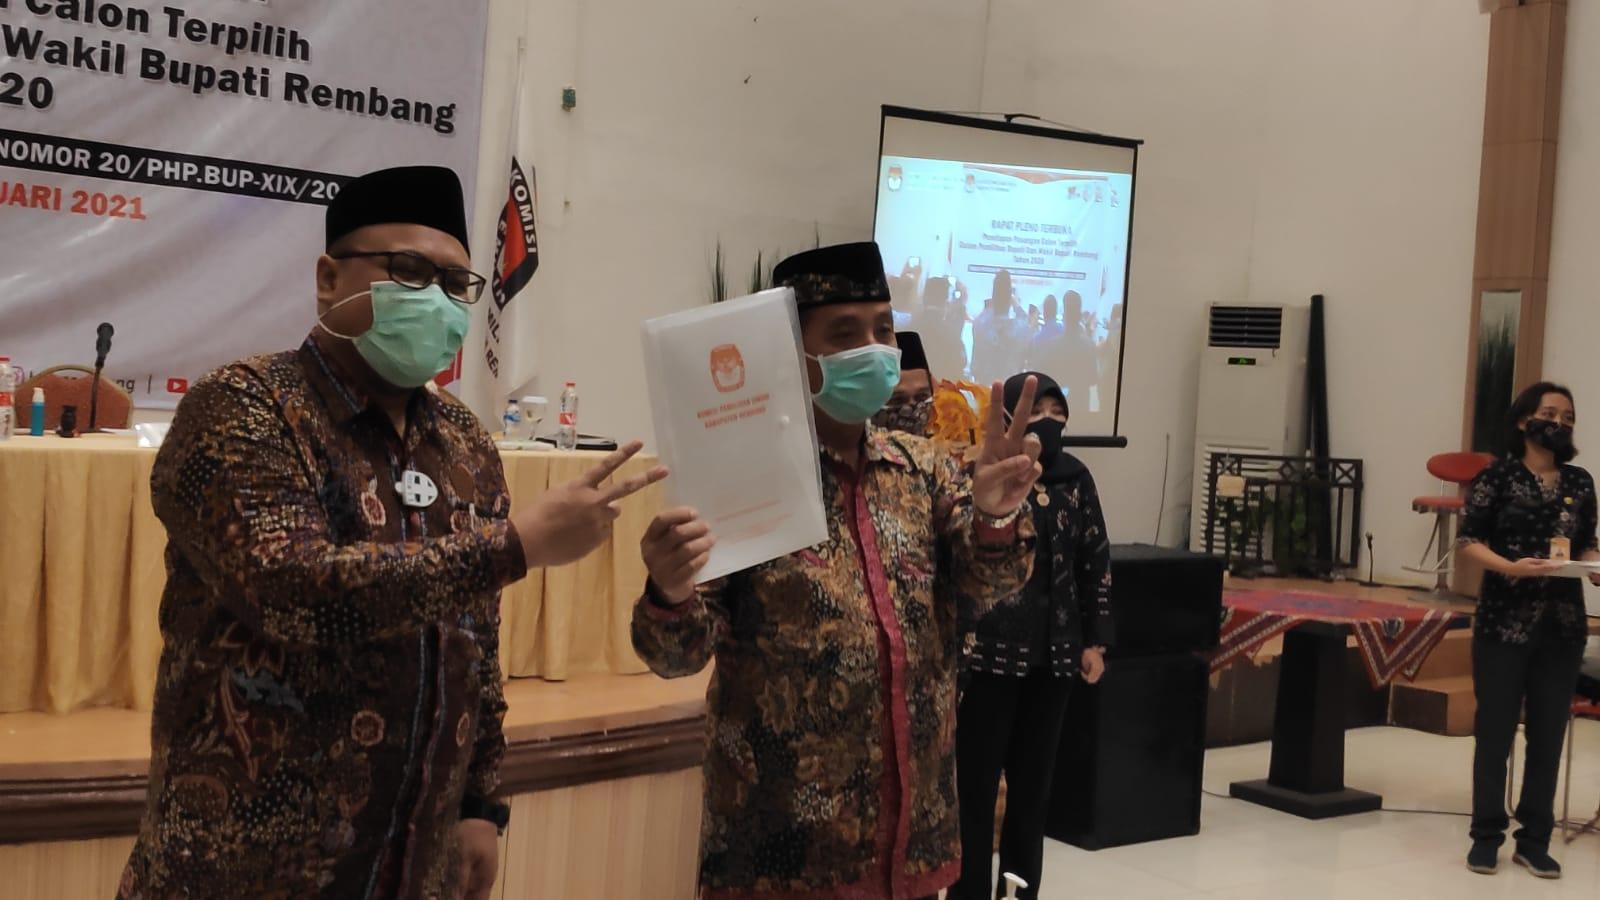 Hafidz-Hanies Ditetapkan Sebagai Bupati dan Wakil Bupati Rembang Terpilih Periode 2021-2024